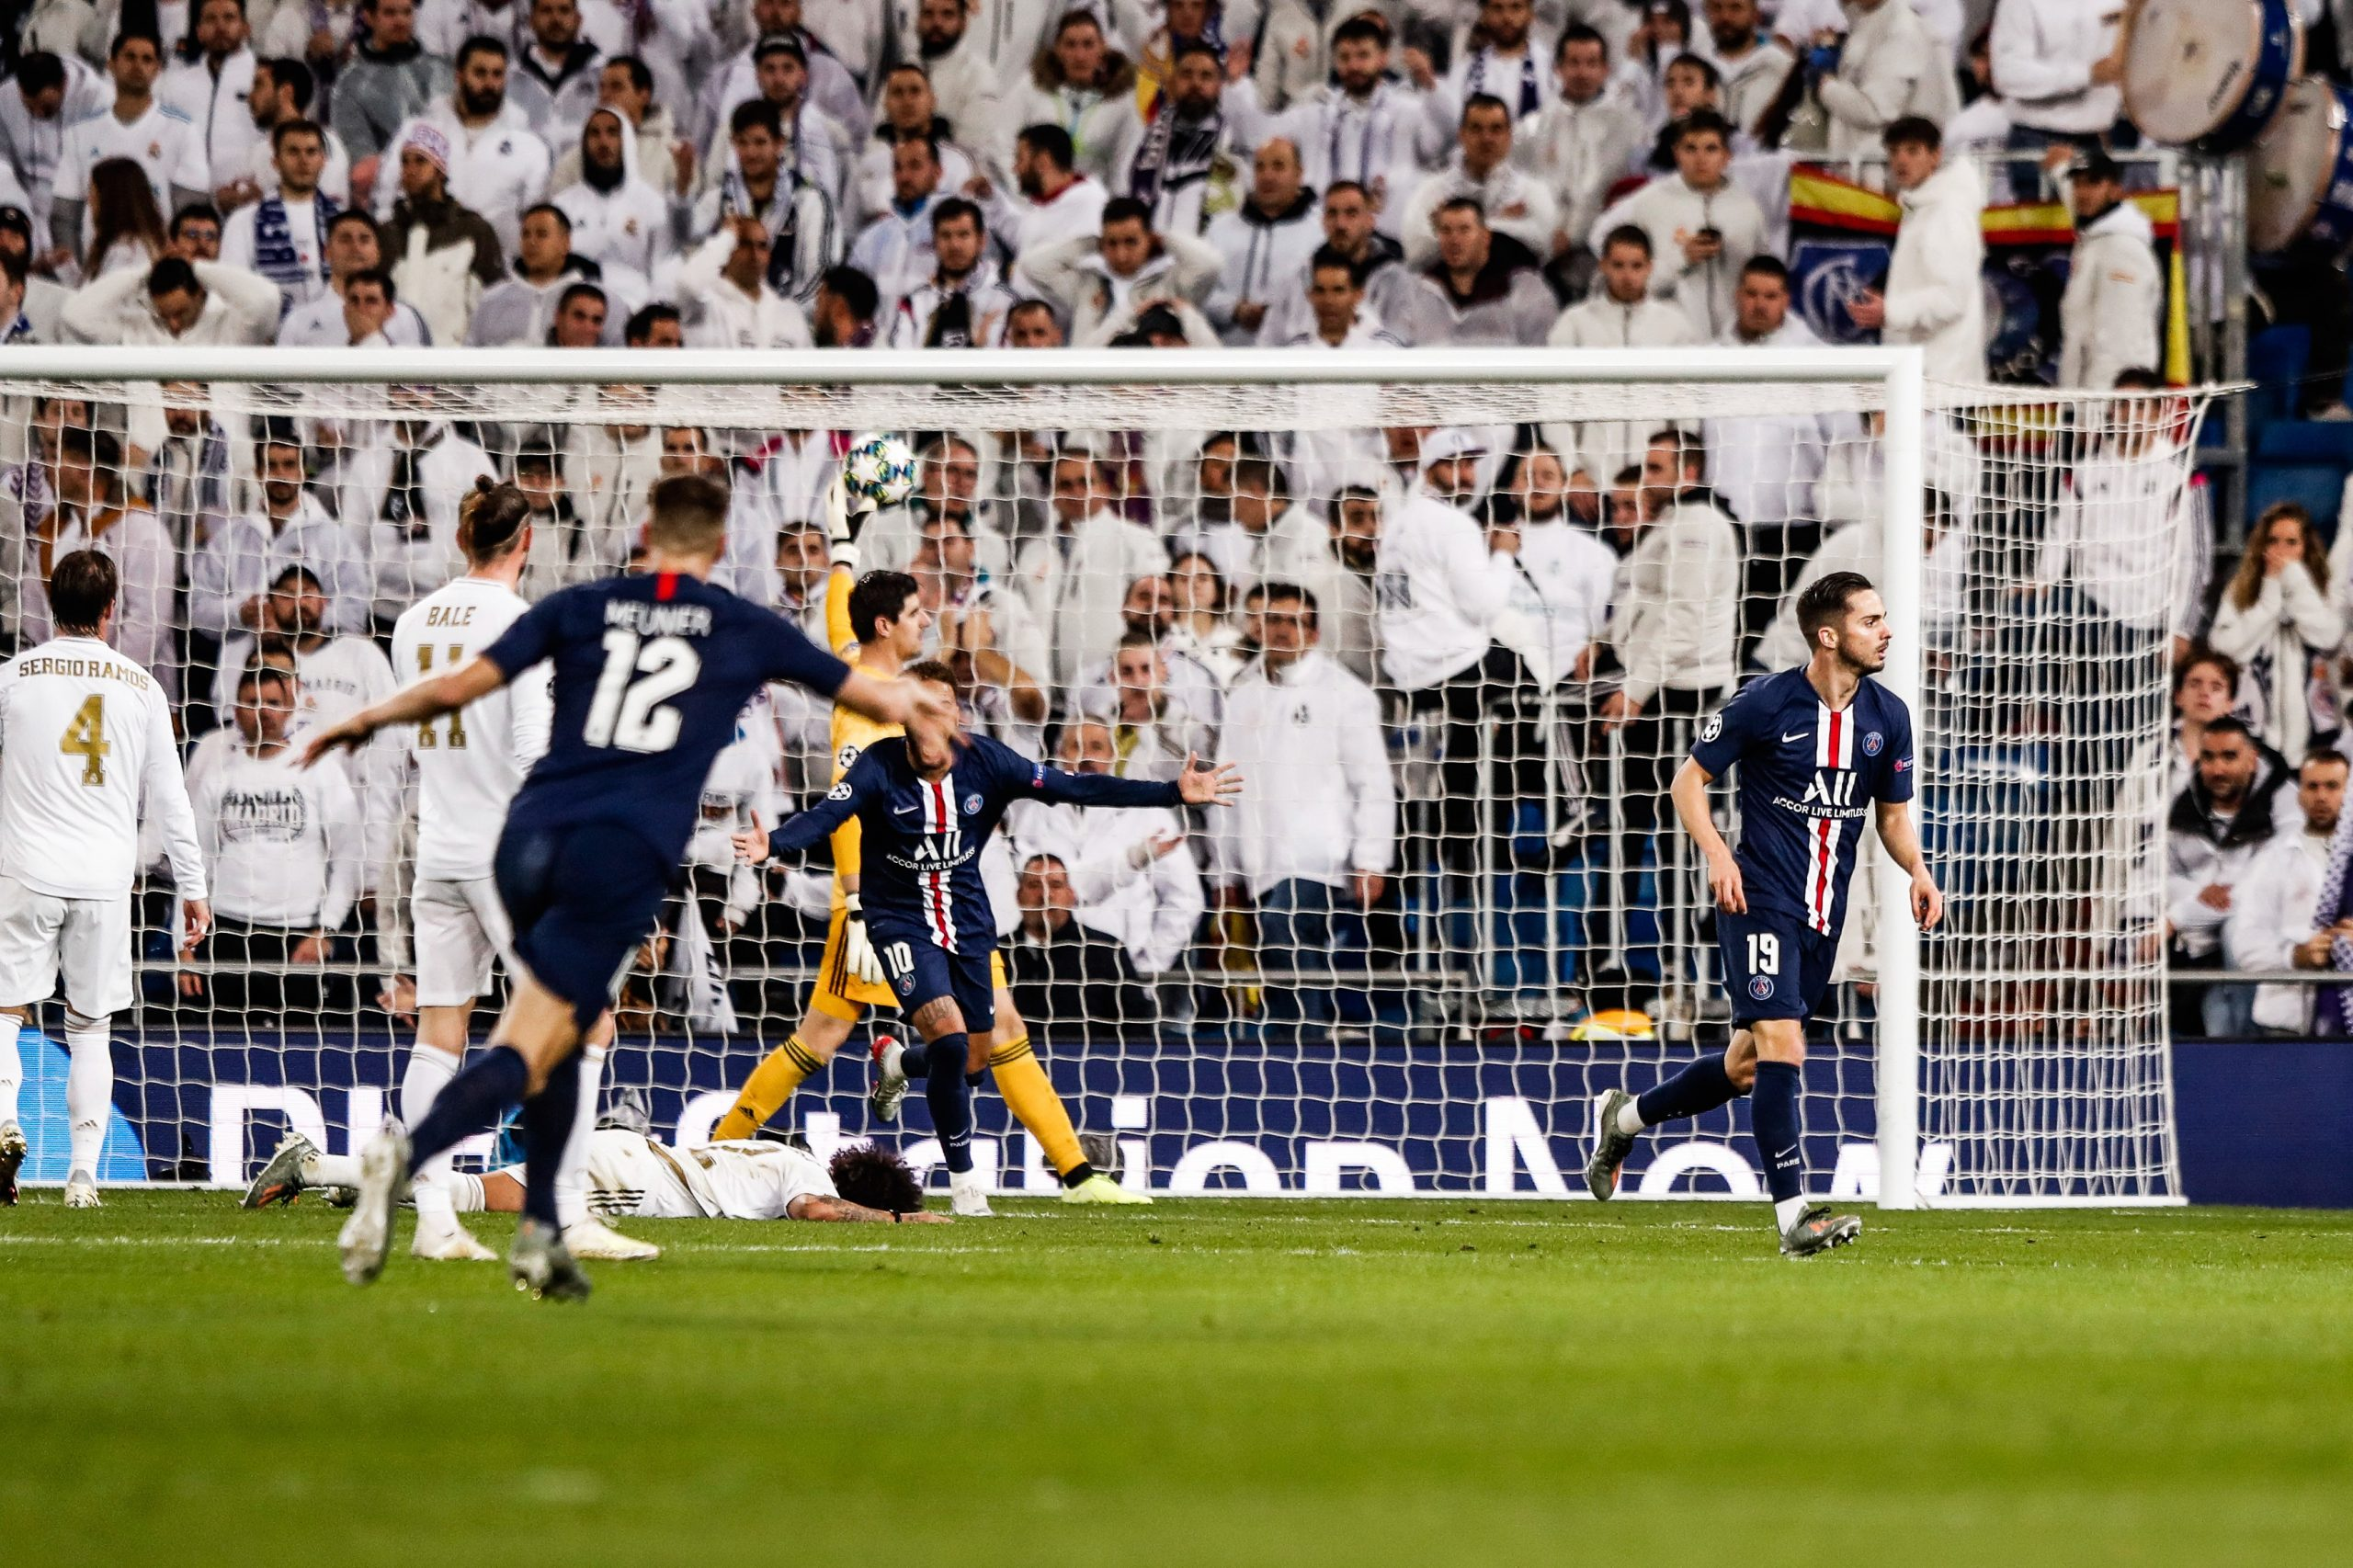 Le plus beau but du PSG cette saison, matchs 19 à 21 : la frappe de Sarabia contre le Real Madrid s'impose